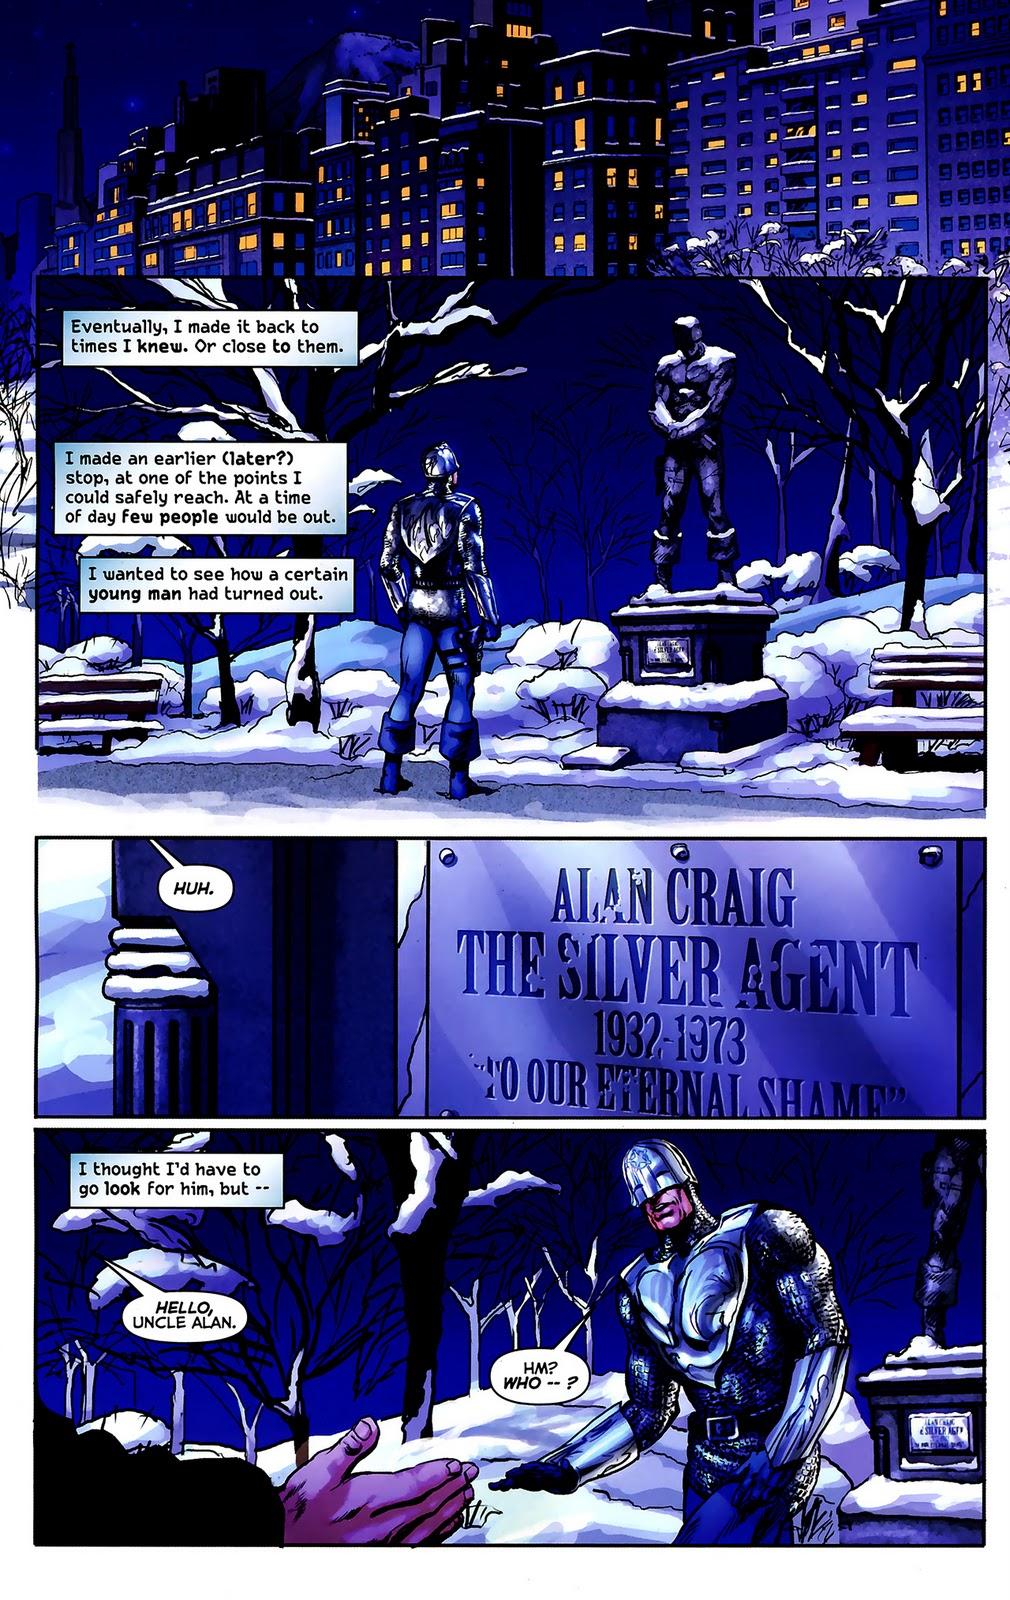 boogiemachine de | Page 482